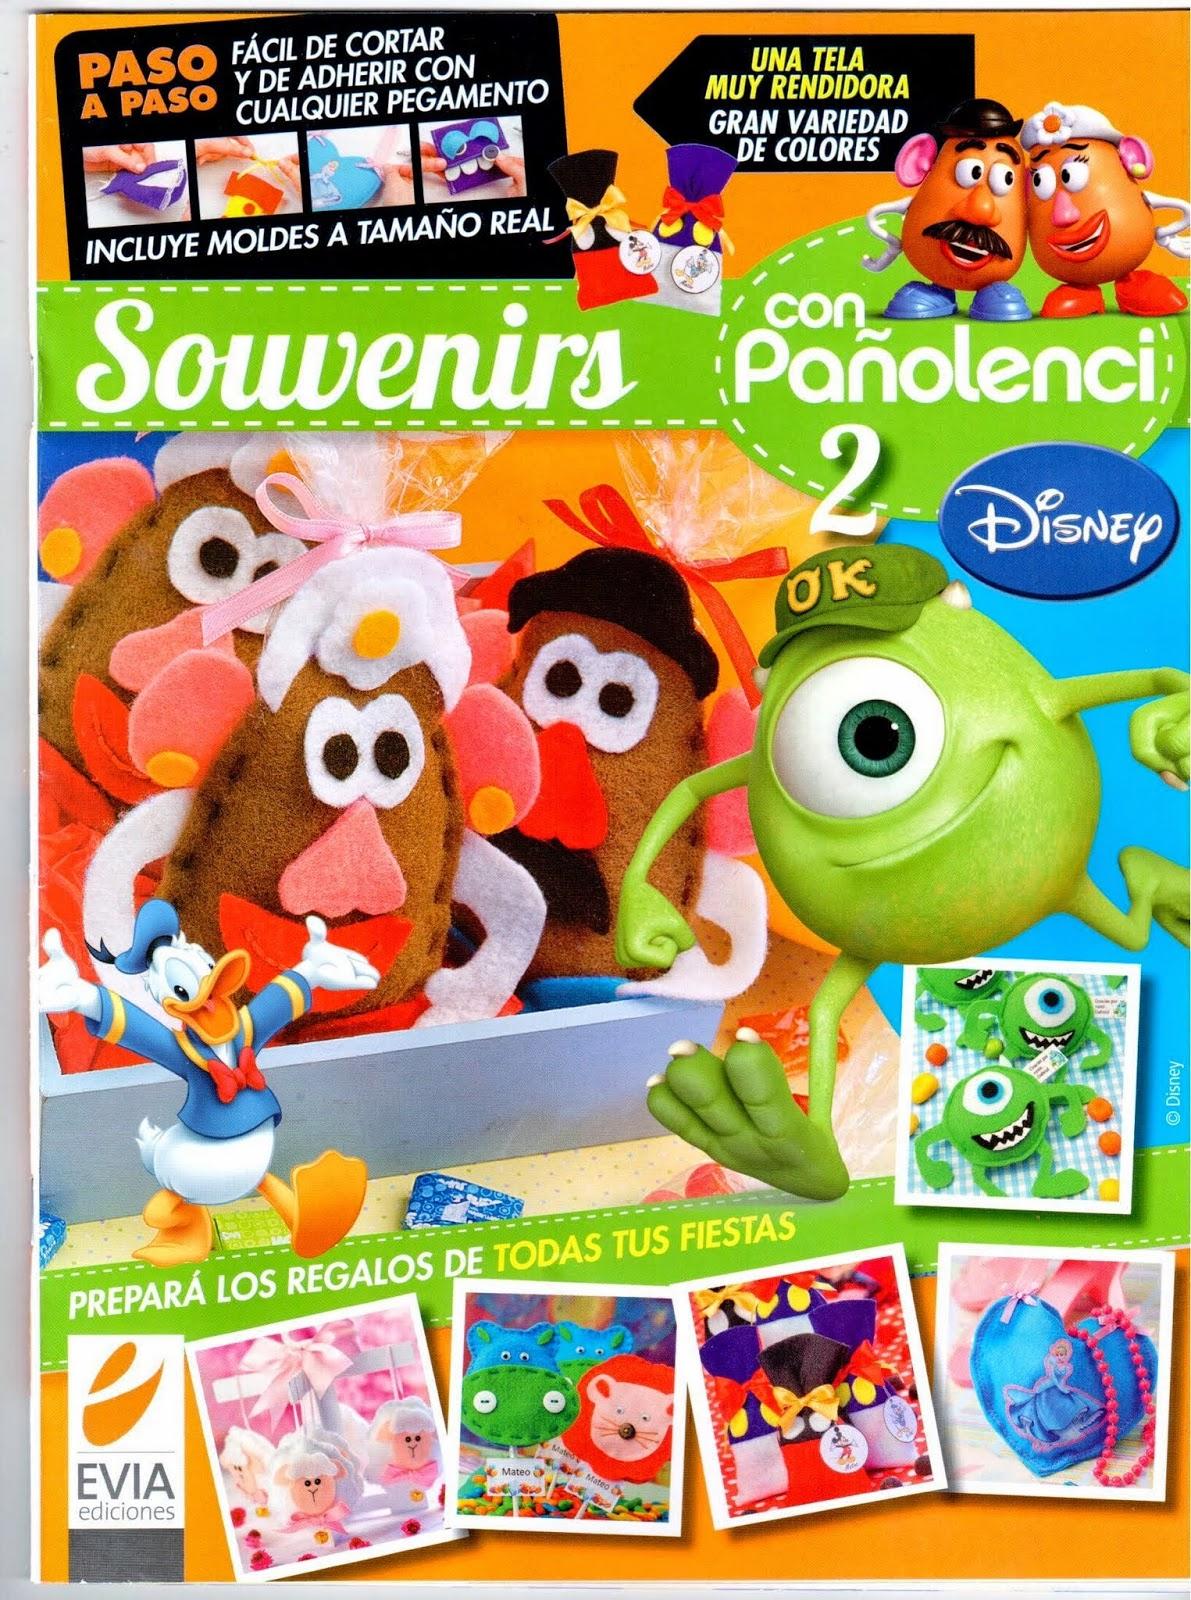 Revistas labores del hogar para descargar gratis   Notizie24